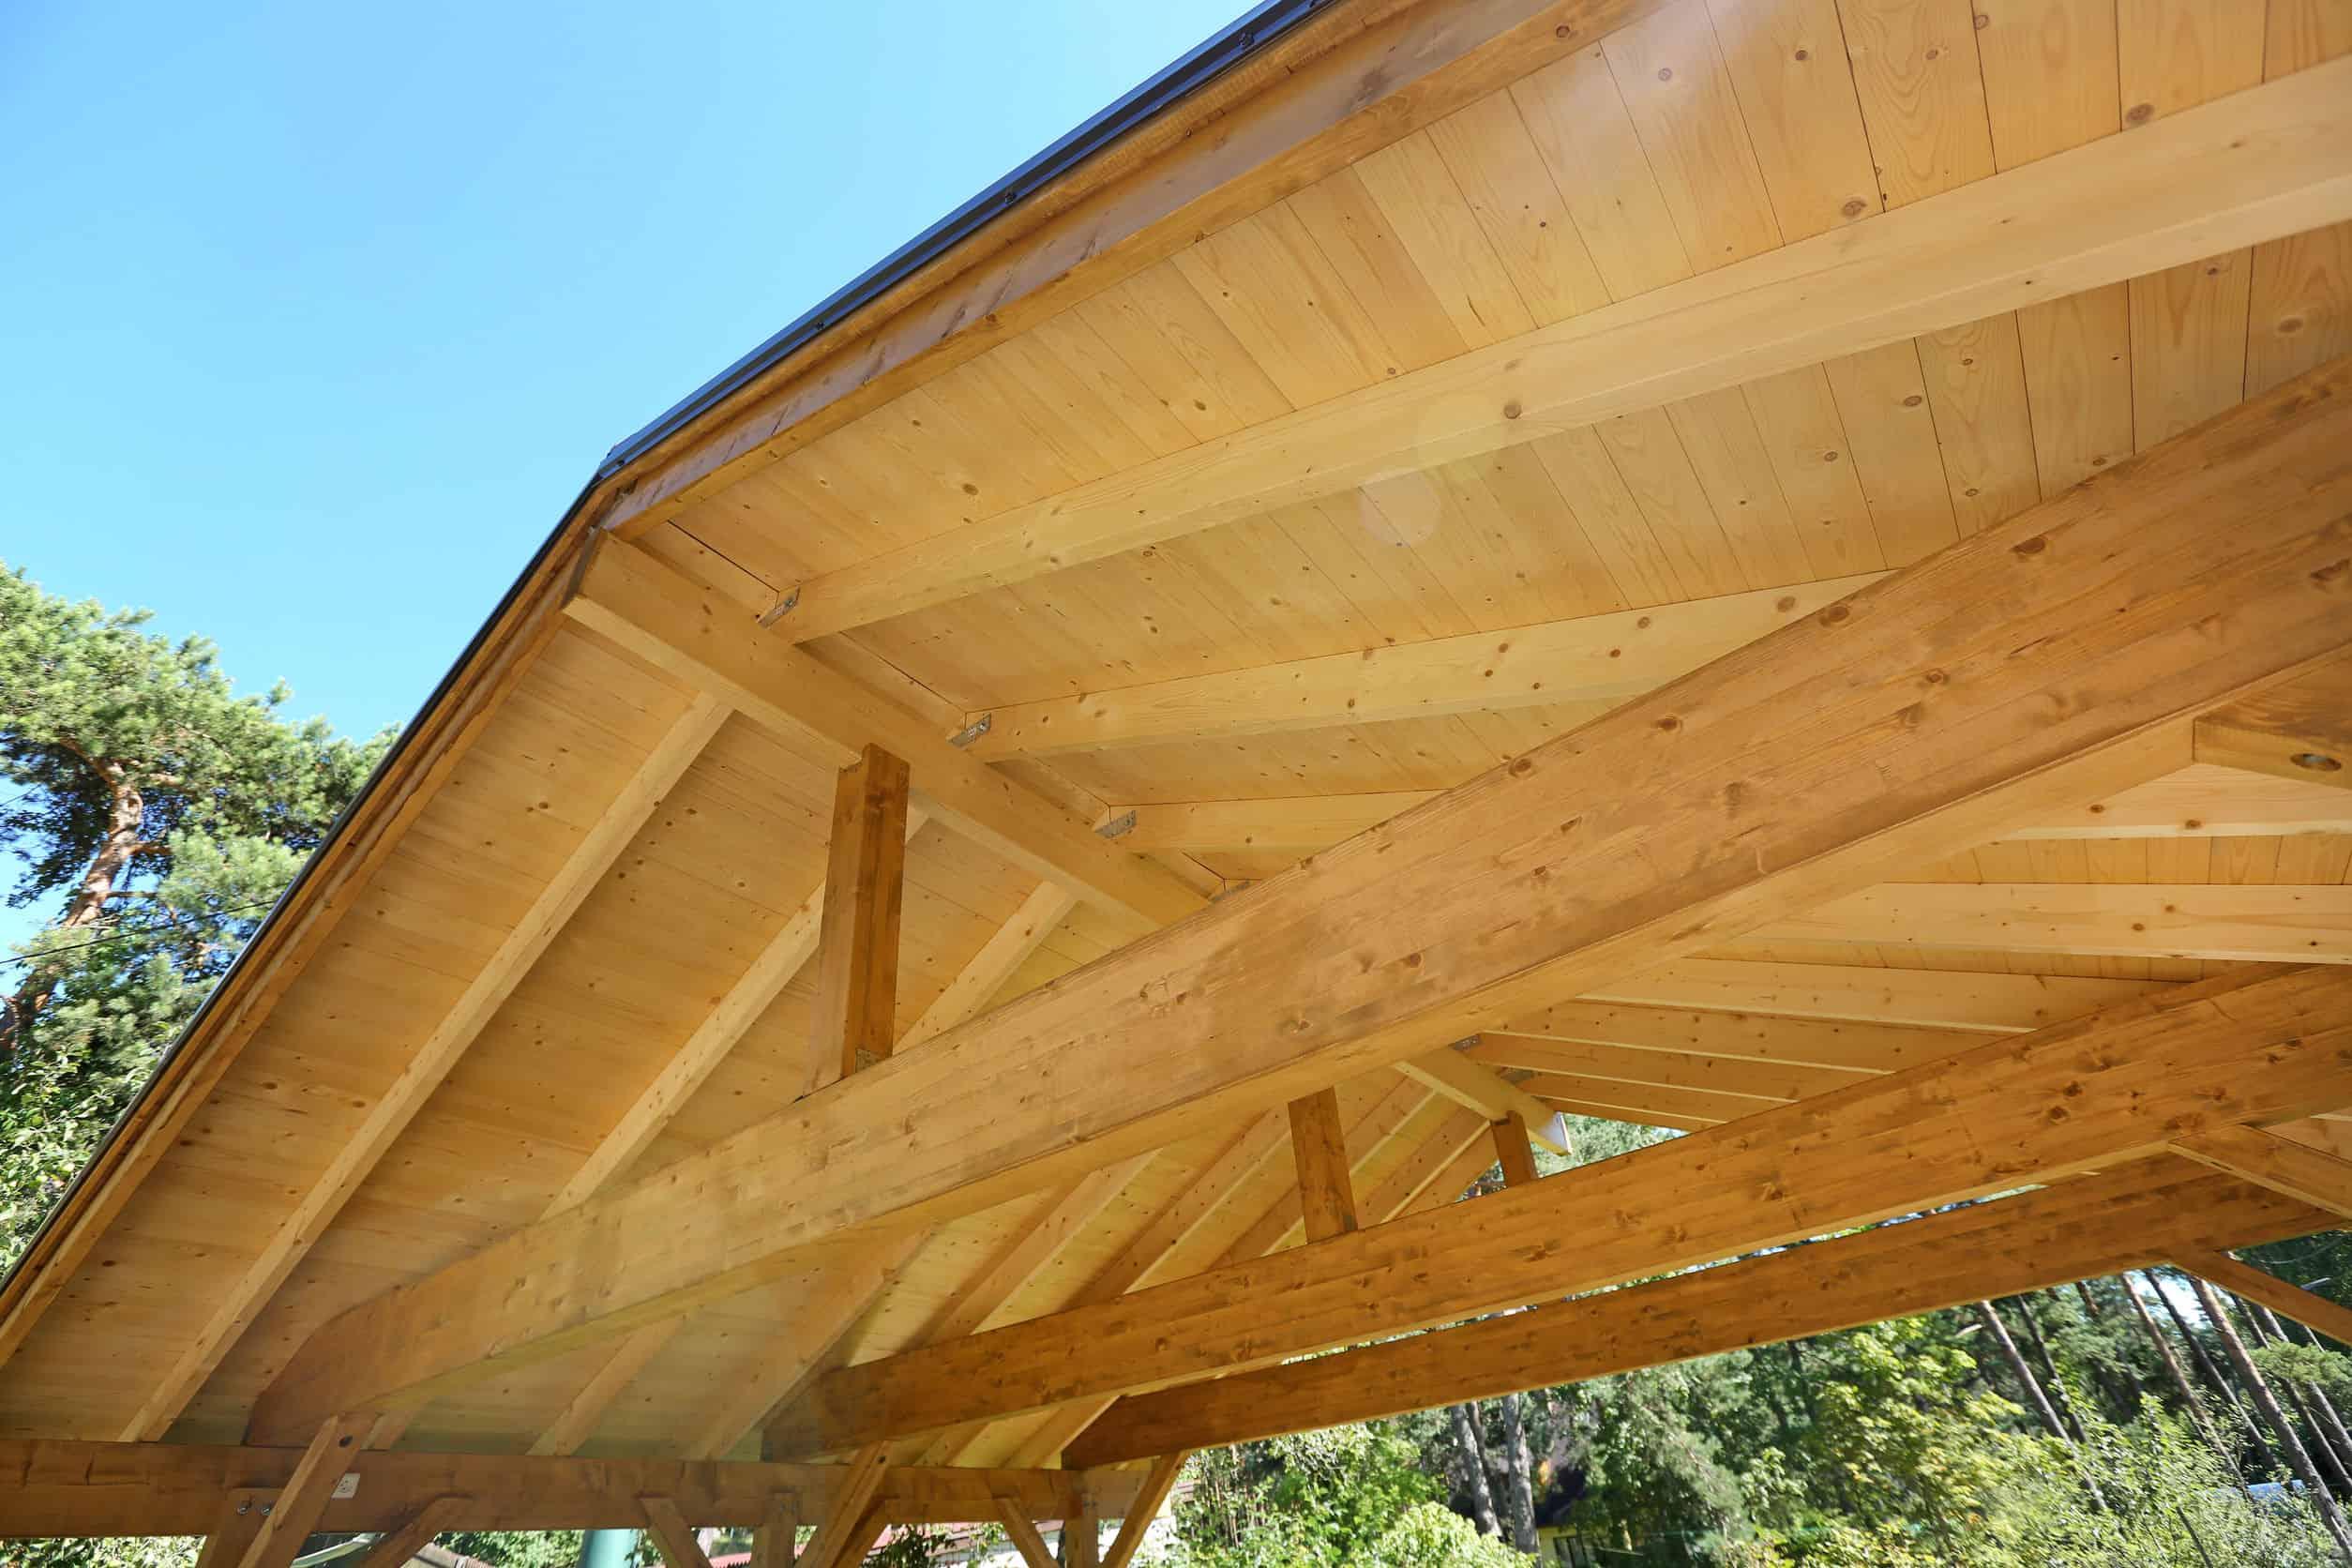 Selbstklebende Dachpappe: Test & Empfehlungen (01/20)